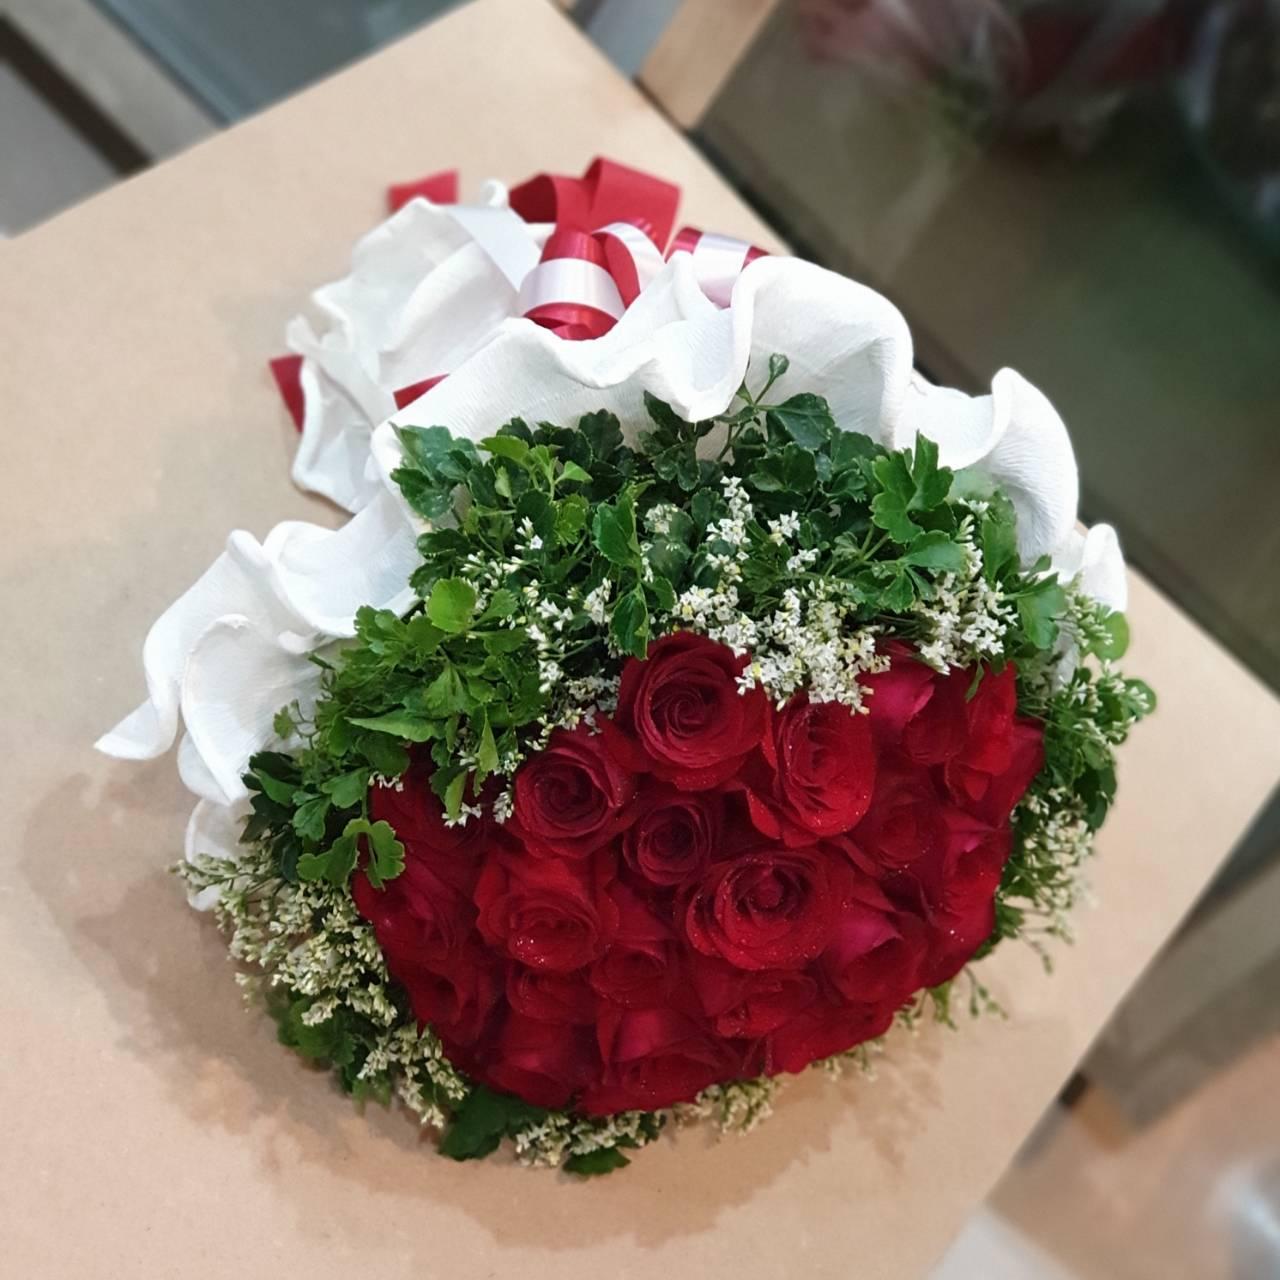 กระเช้าดอกไม้ช่อกลม เลือกใช้ดอกกุหลาบแต่ชั้นดีเท่านั้นในการจัดทำค่ะ